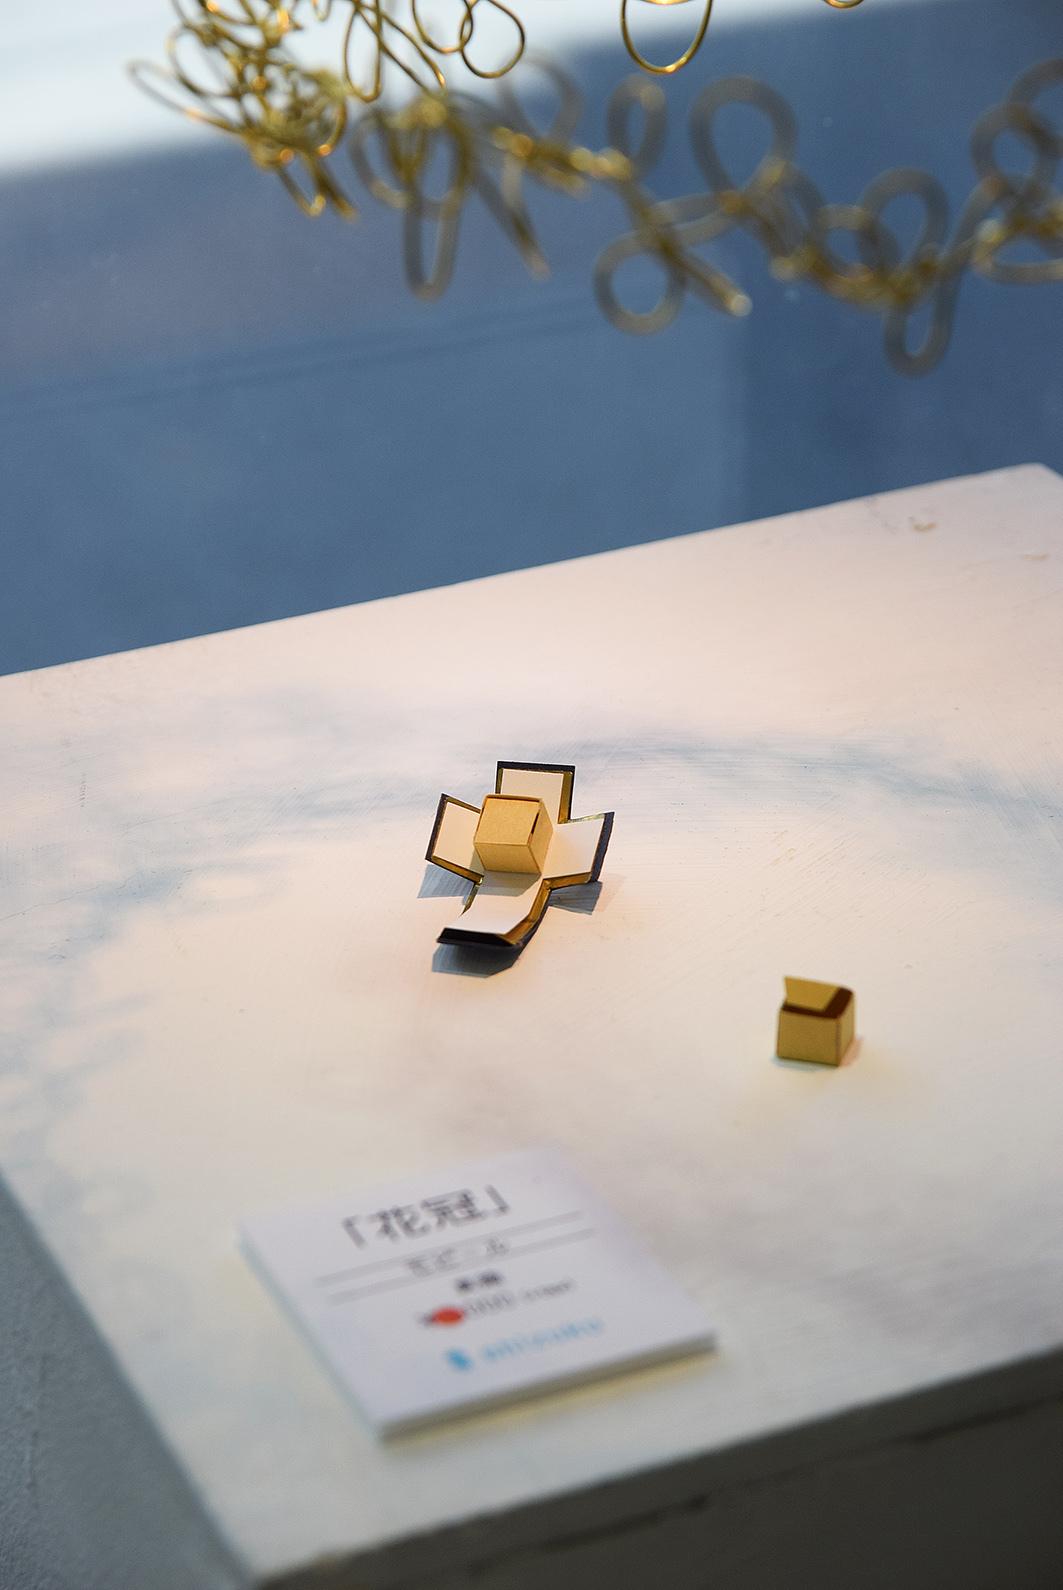 「連(ツラネ)」CONNECT & CONTINUE Accessory brand shizuku exhibition @ 4日目_e0272050_13501151.jpg